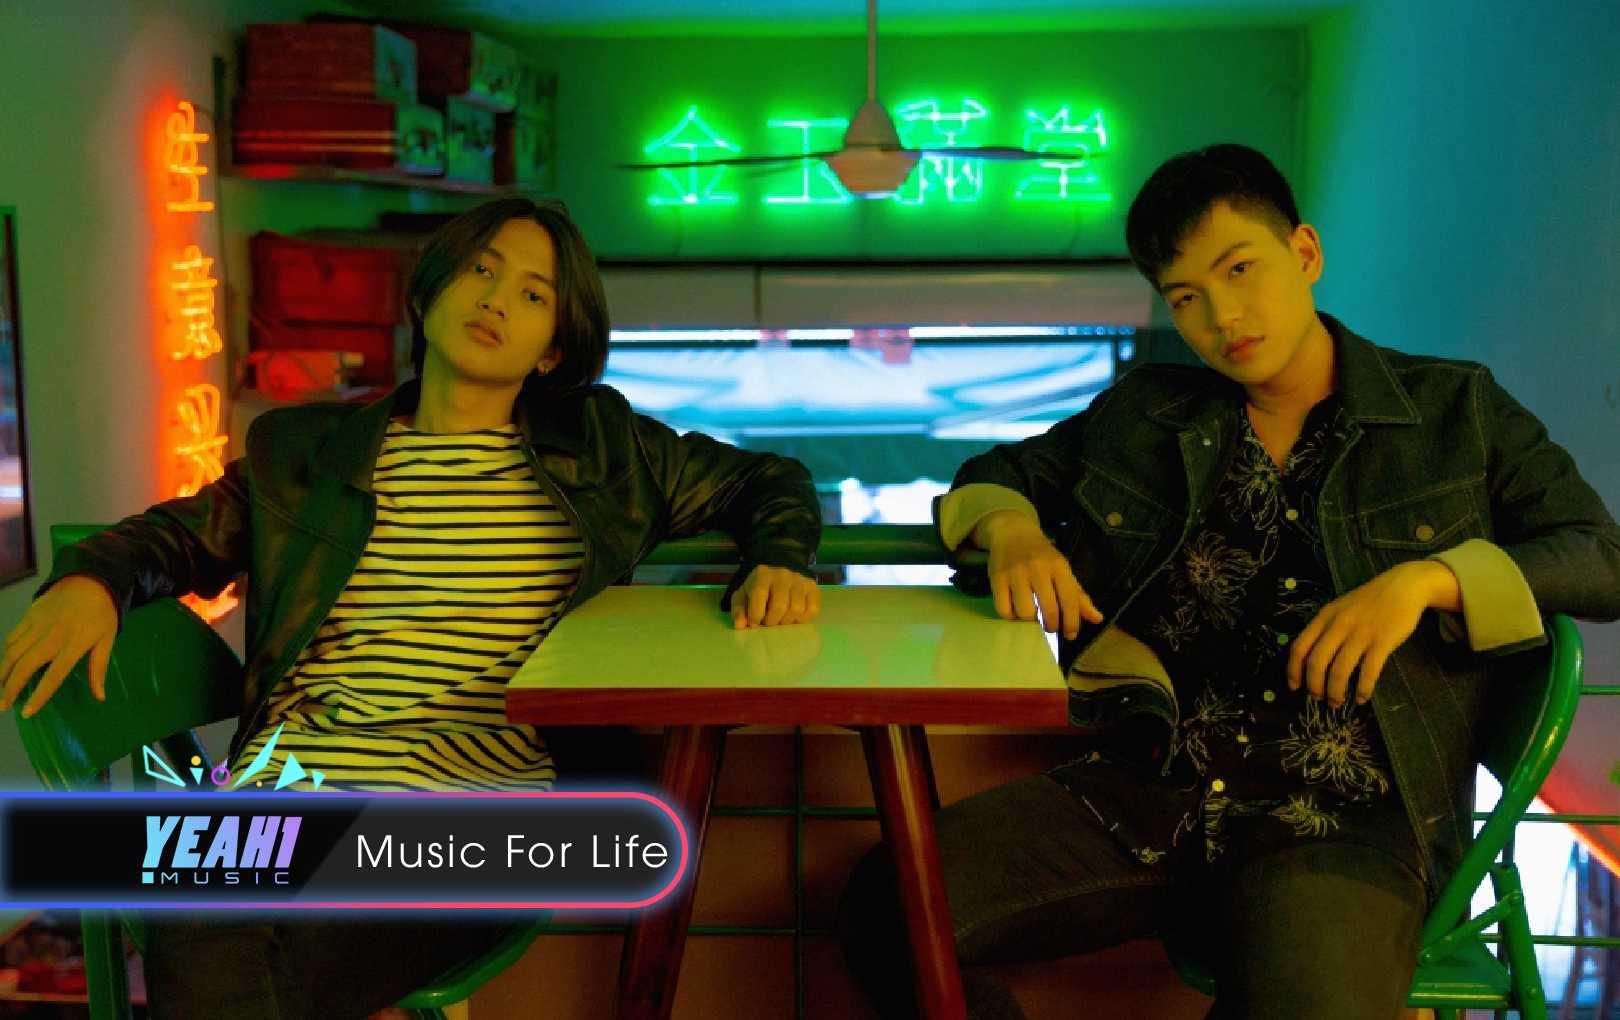 HongKong1 chính thức cán mốc 1 triệu lượt xem trên YouTube sau 1 ngày ra mắt